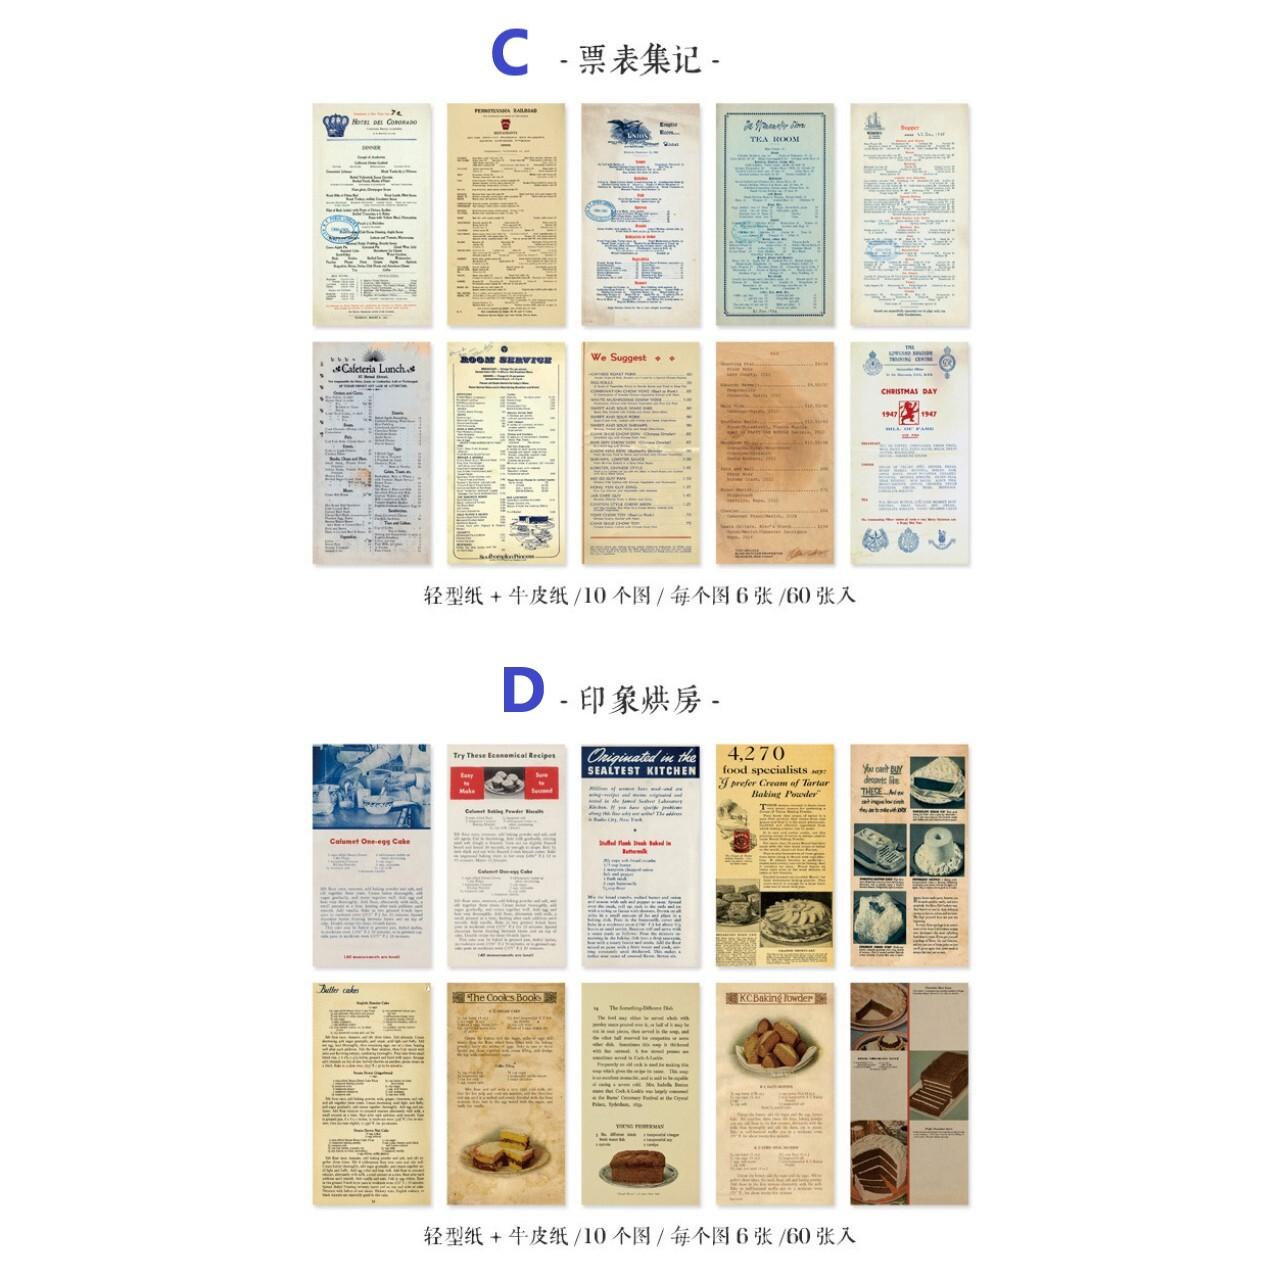 D28 素材紙 全8種 コラージュ ジャンクナーナル 素材 レトロ 紙もの アンティーク調 デザインペーパー